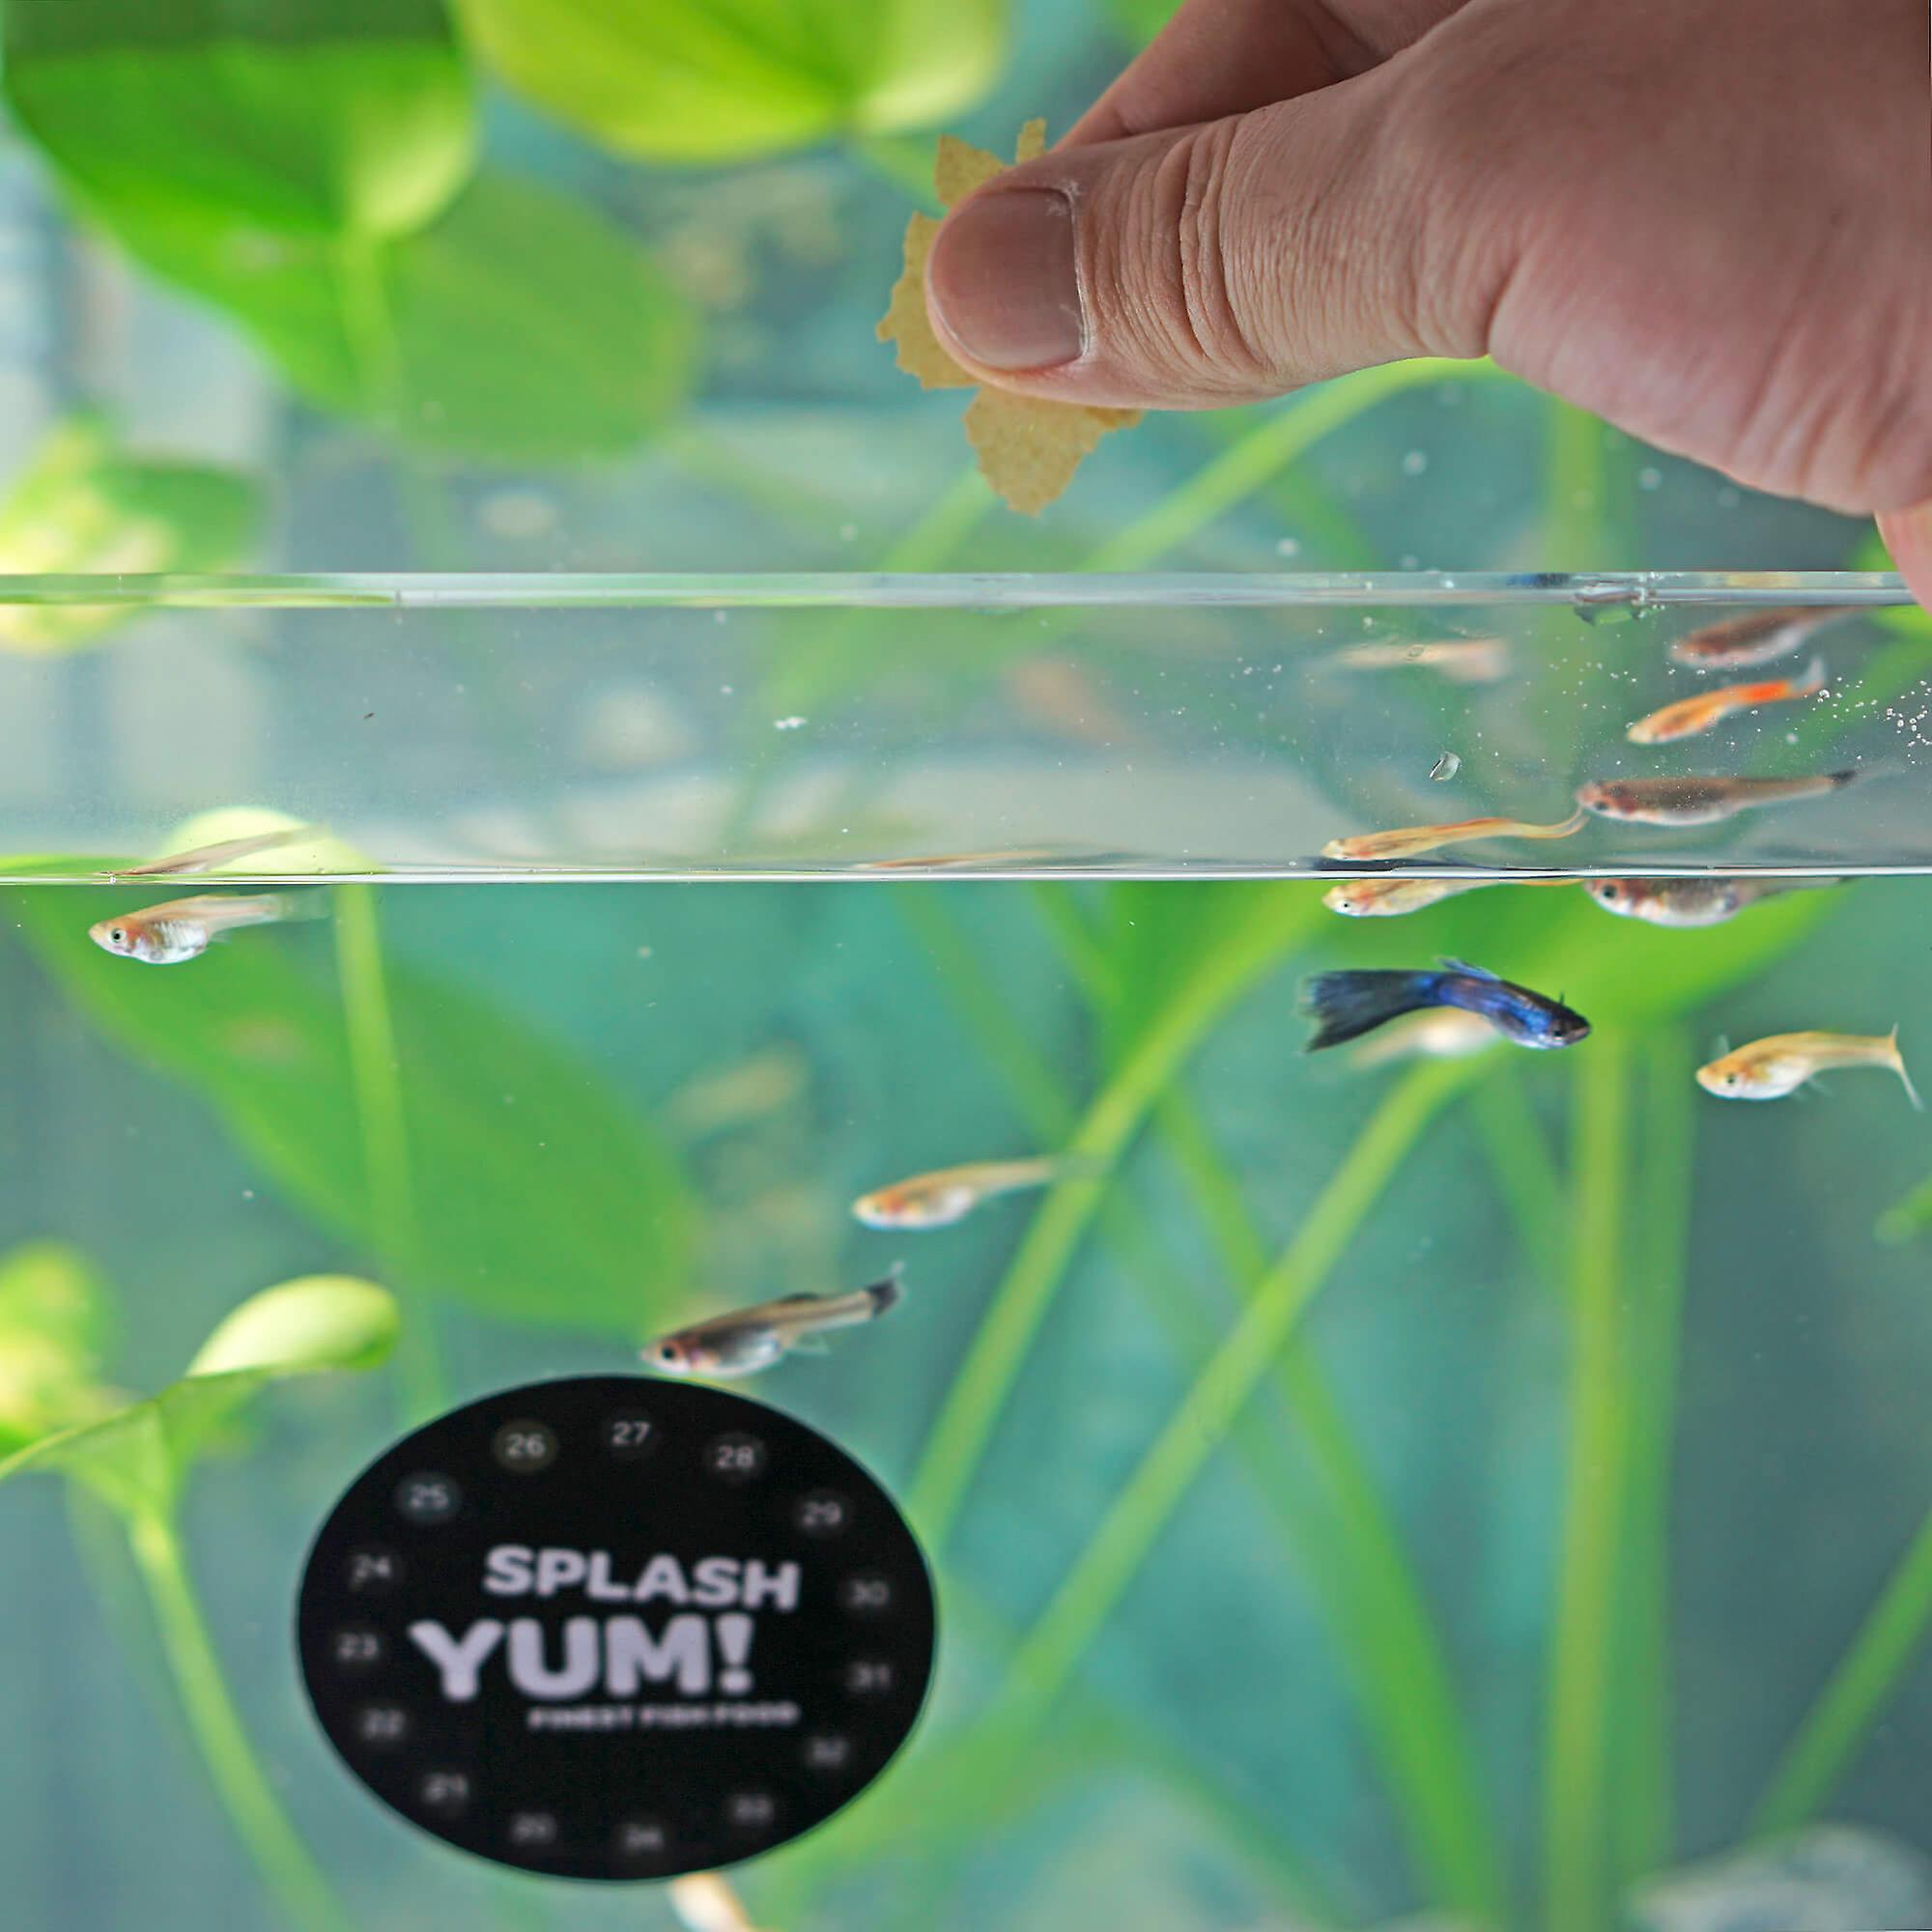 SplashYum! Flocken Fischfutter Aquarium Teich Hauptfutter alle Zierfische mit L-Carnitin, Lecithin, Folsäure Flockenfutter Flakes Leckerbissen für Diskus Wels Guppy Futter Platy Cichliden Malawi